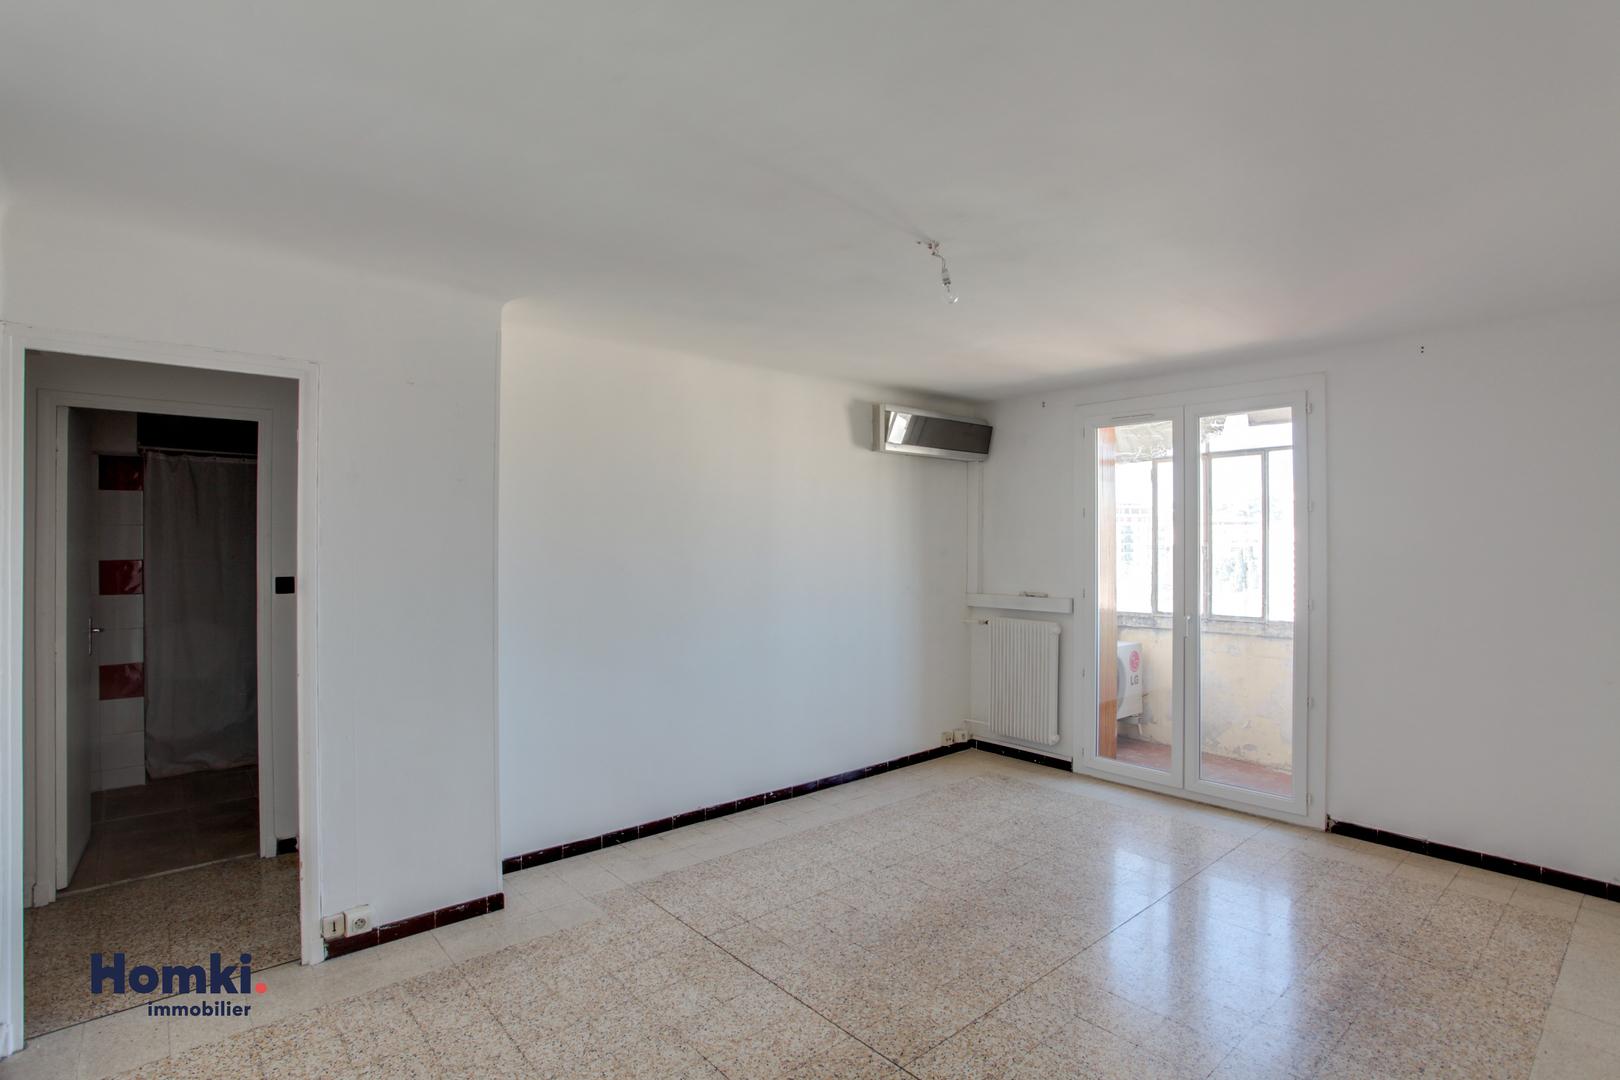 Vente Appartement 69 m² T4 13010_2